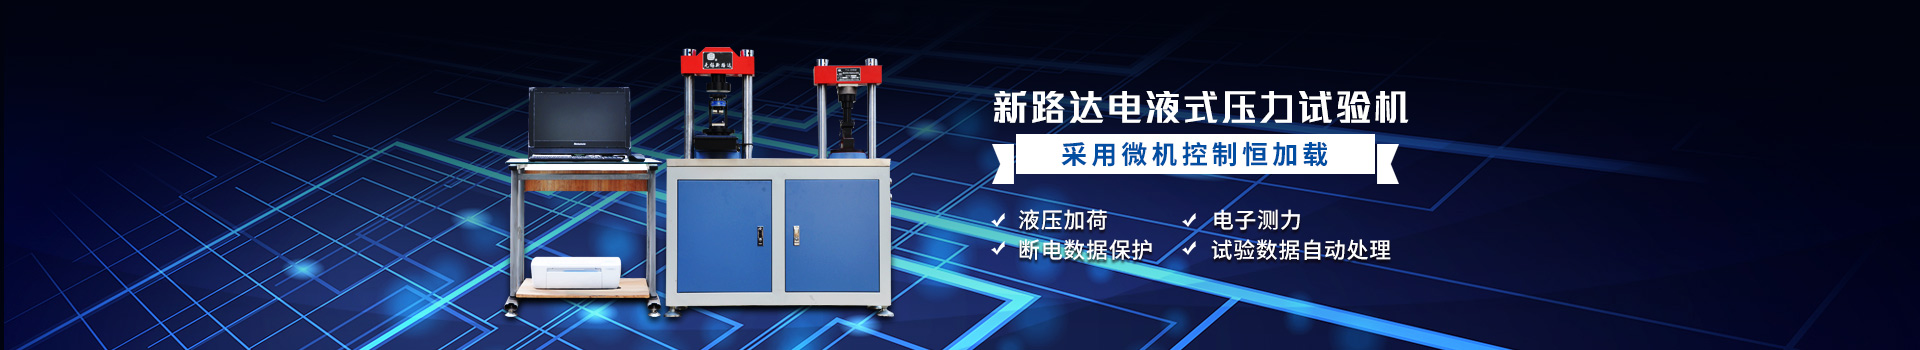 新路达电液式压力试验机,采用微机控制横加载